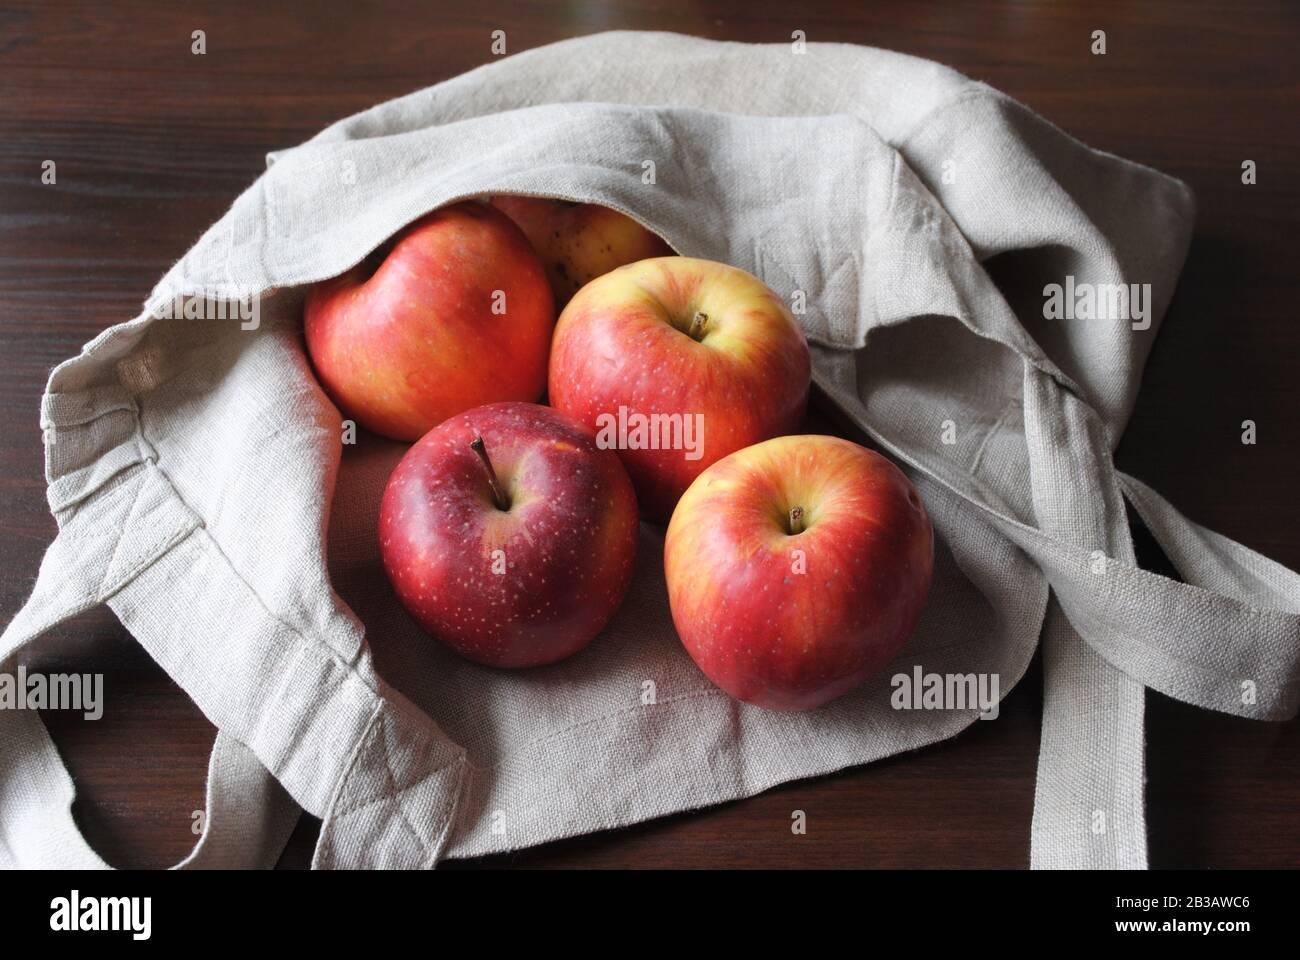 Blick auf die Gruppe der frischen, natürlichen, farbenfrohen gelb-roten Äpfel mit einem neutralen Bettbeutel aus Leinen auf dunklem Sperrholztisch in natürlichem Licht Stockfoto